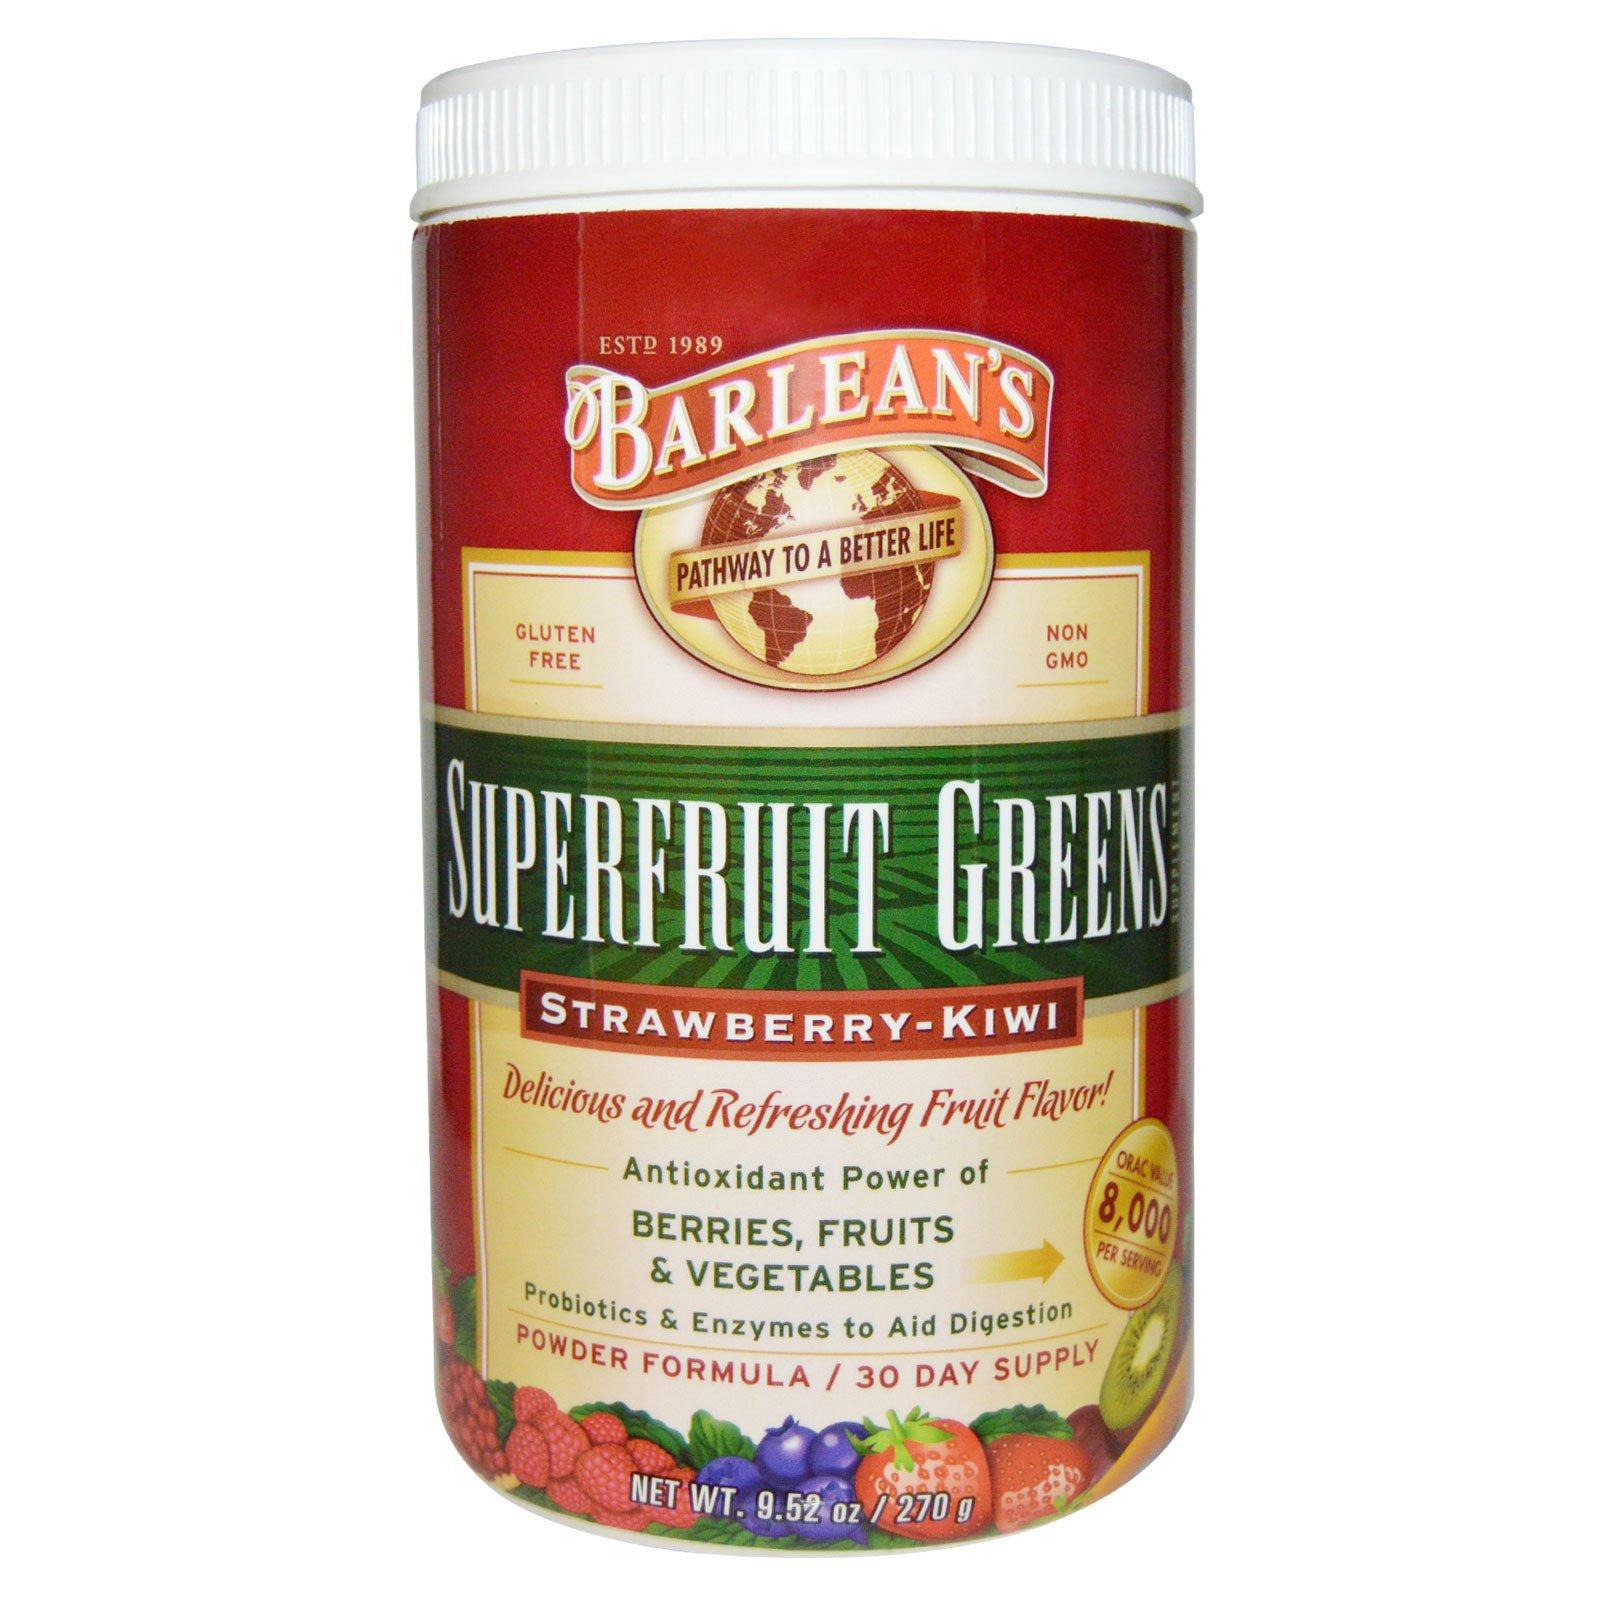 Barlean's, Суперфруктовая зеленая добавка, порошковая формула, клубника-киви, 9,52 унции (270 г)